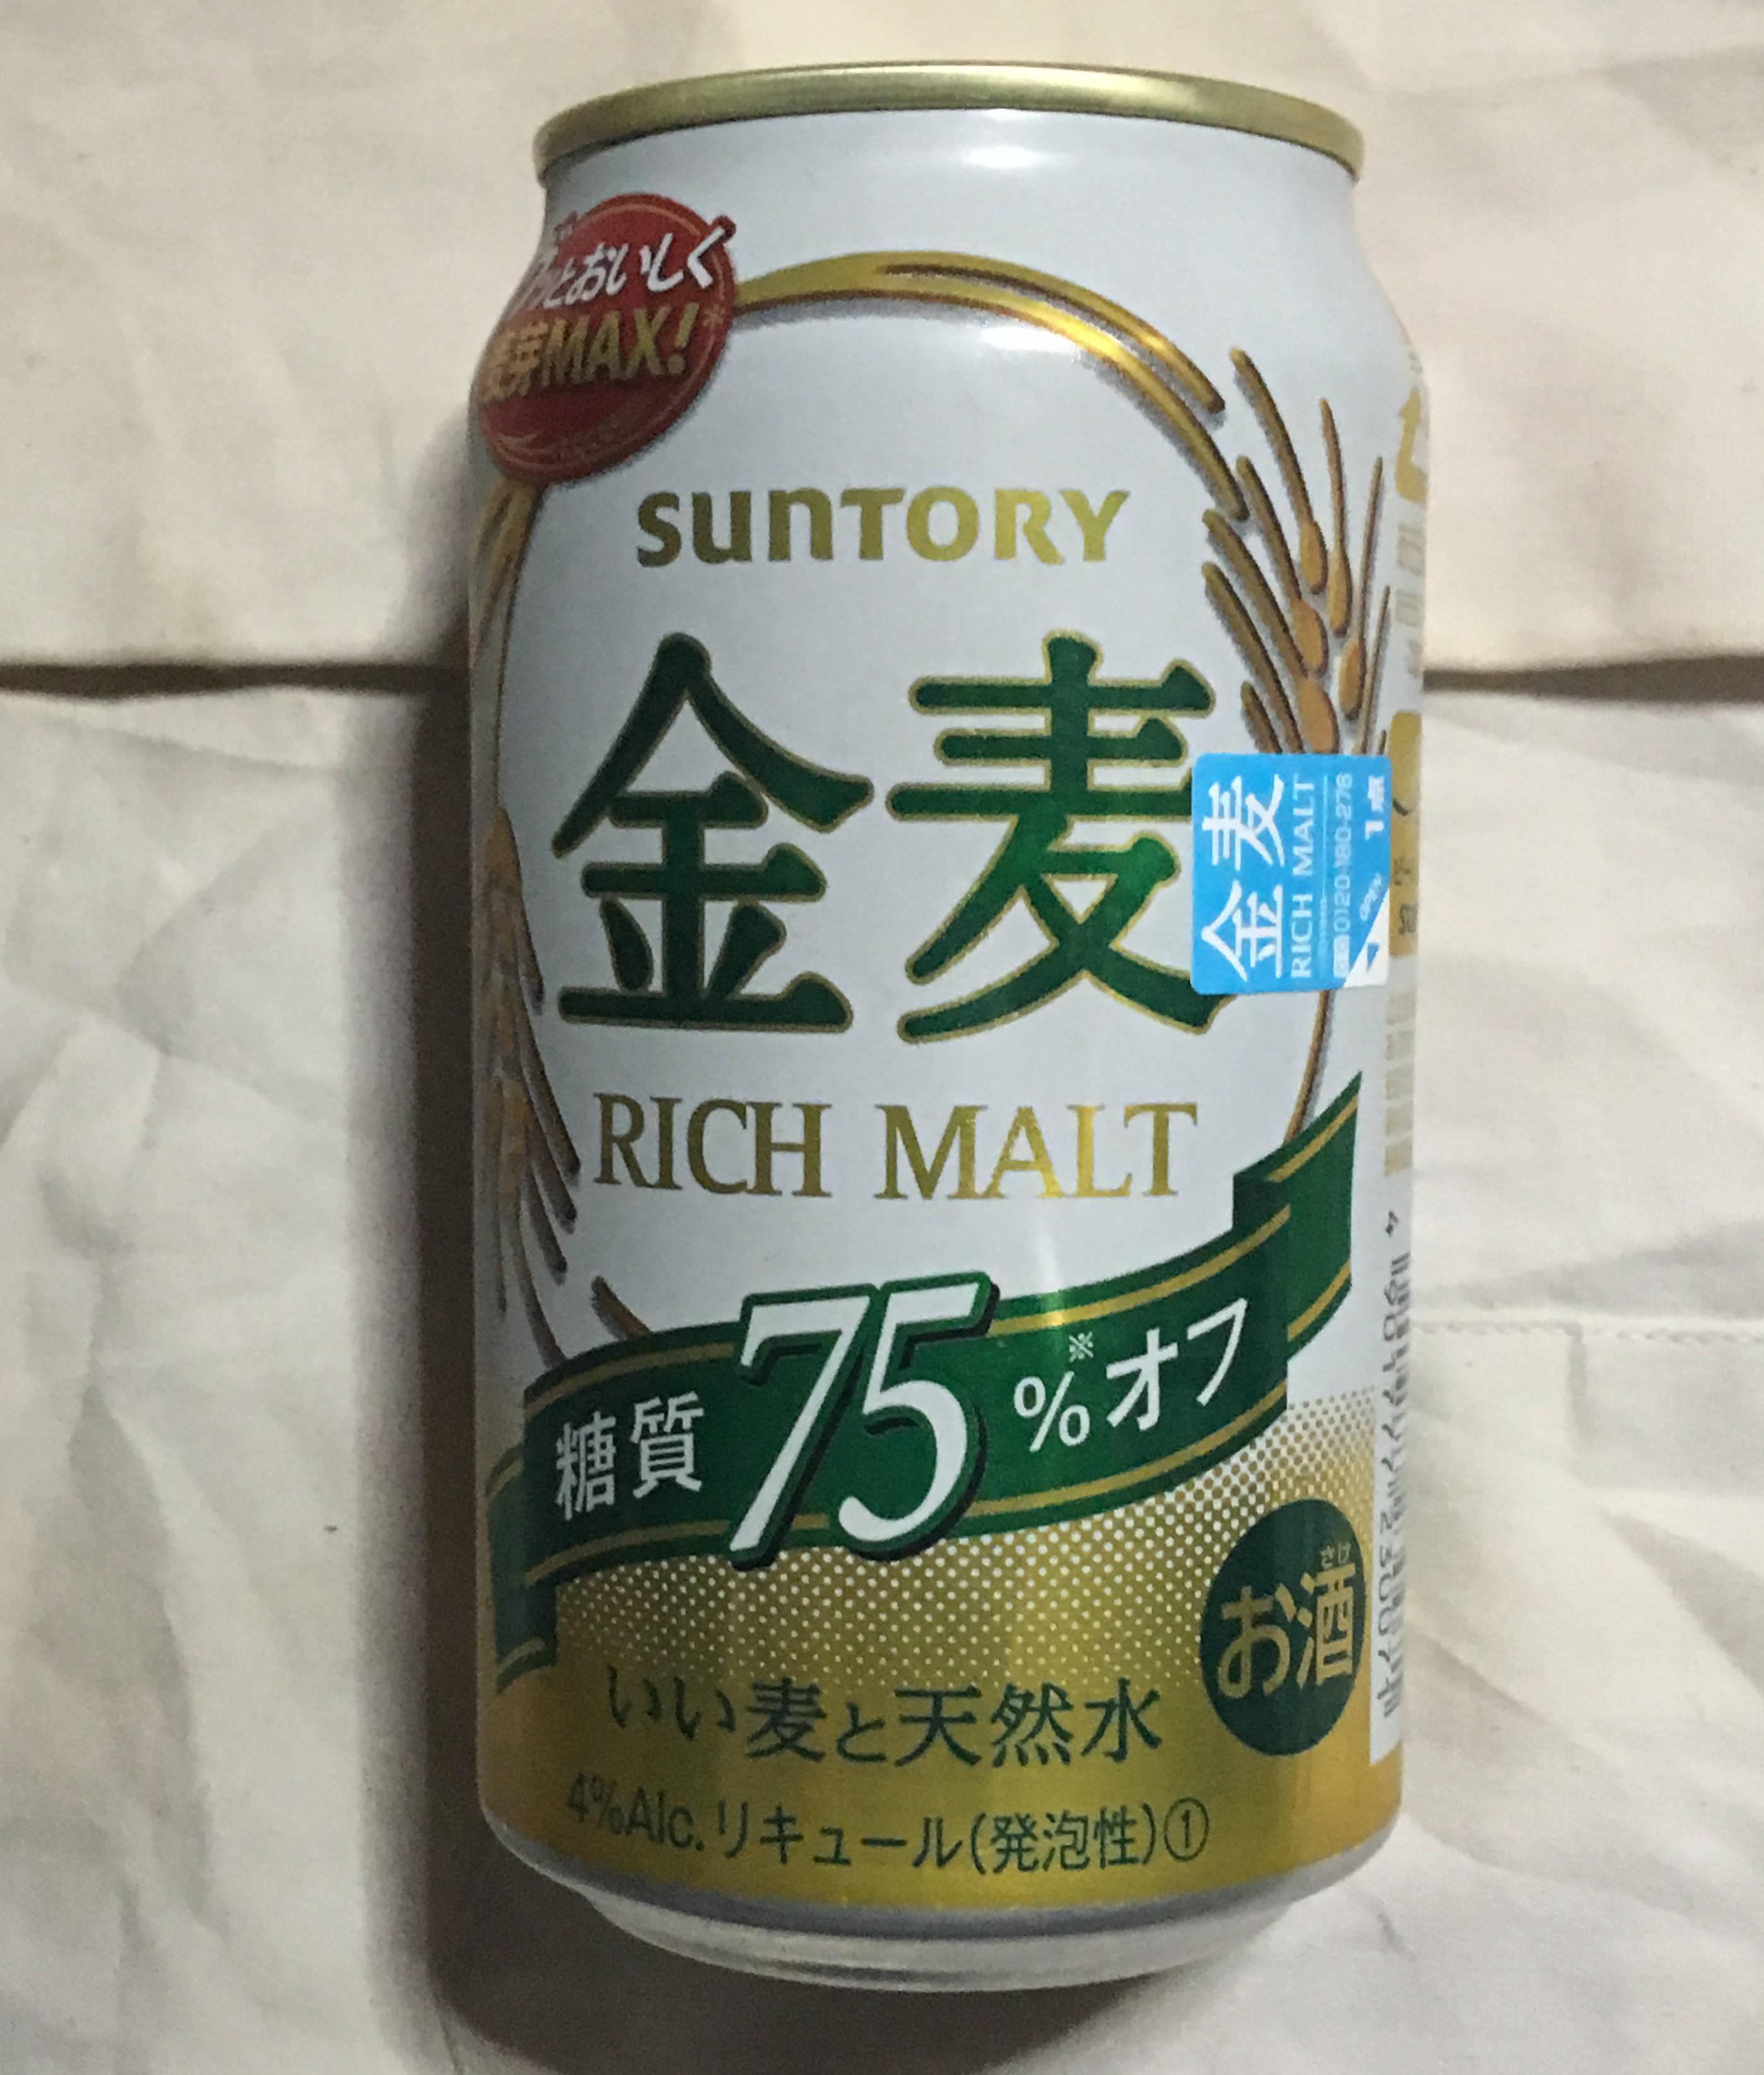 缶のデザイン:金麦〈糖質75%オフ〉 発泡酒|サントリー